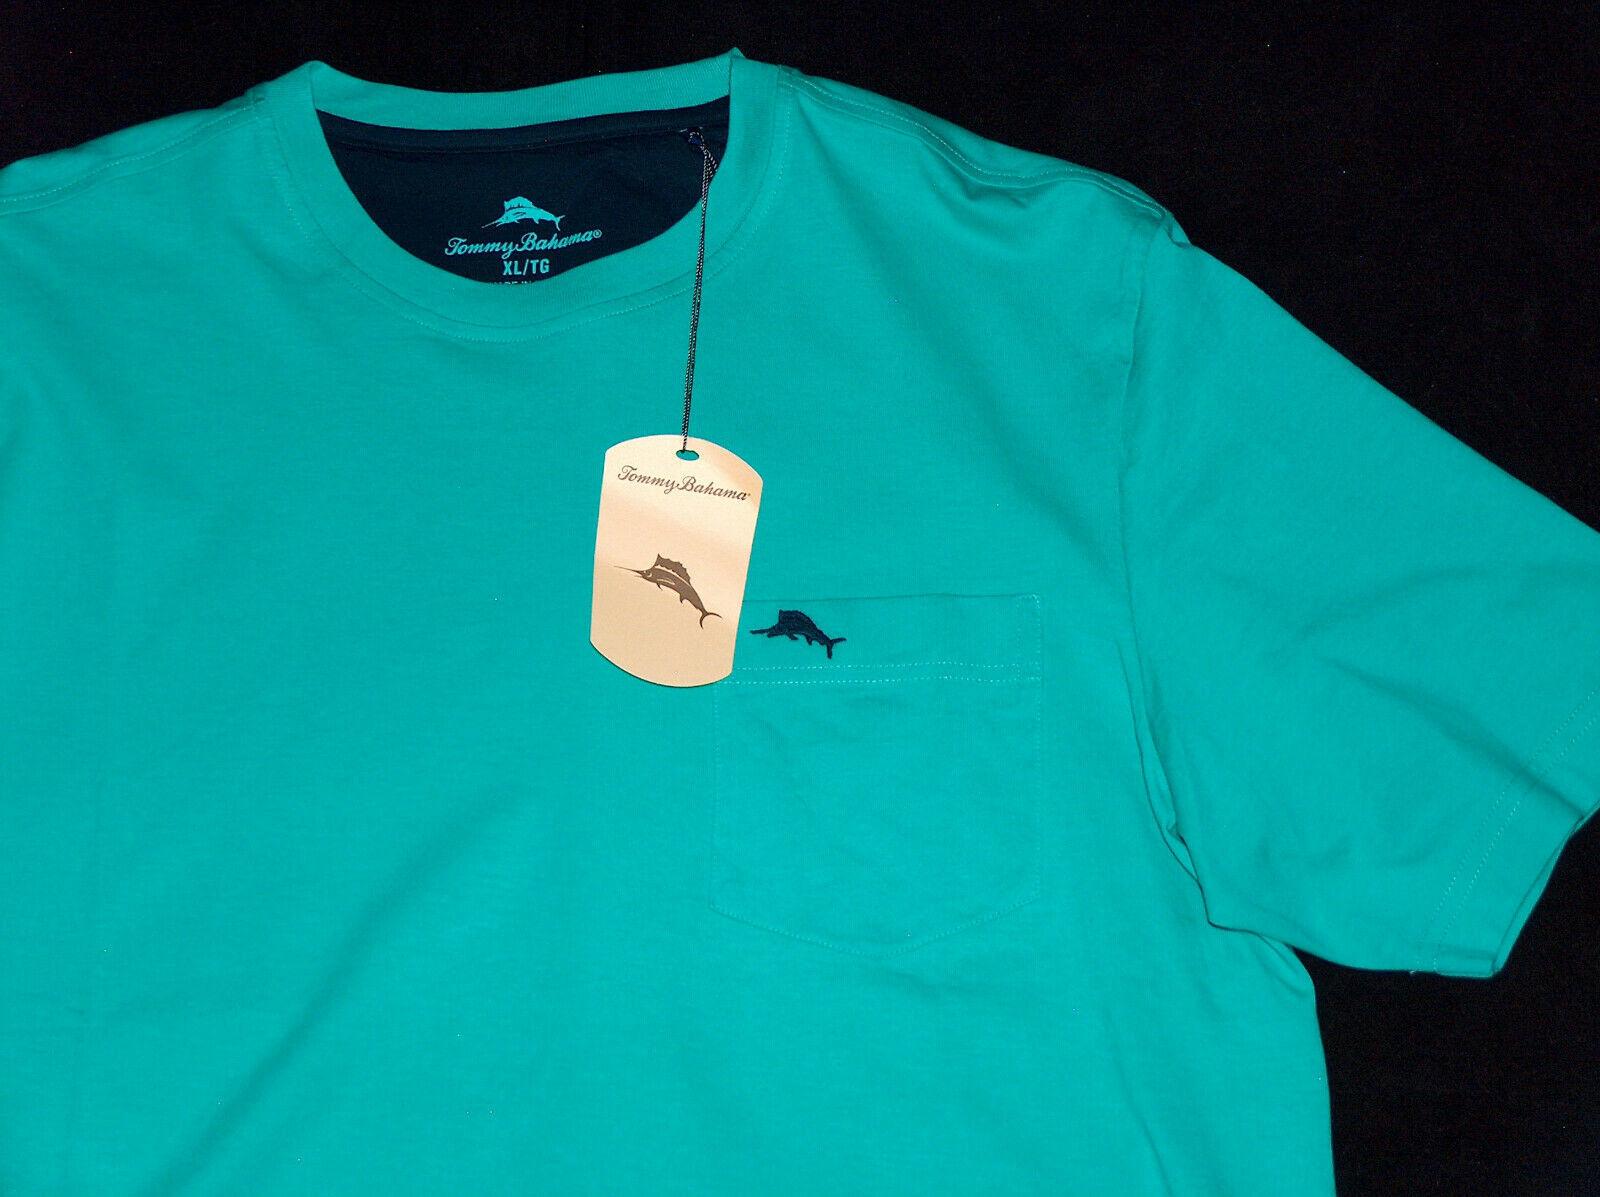 Nuevo con Etiqueta Tommy Bahamas Talla XL Cave Verde Marlin Único Bolsillo